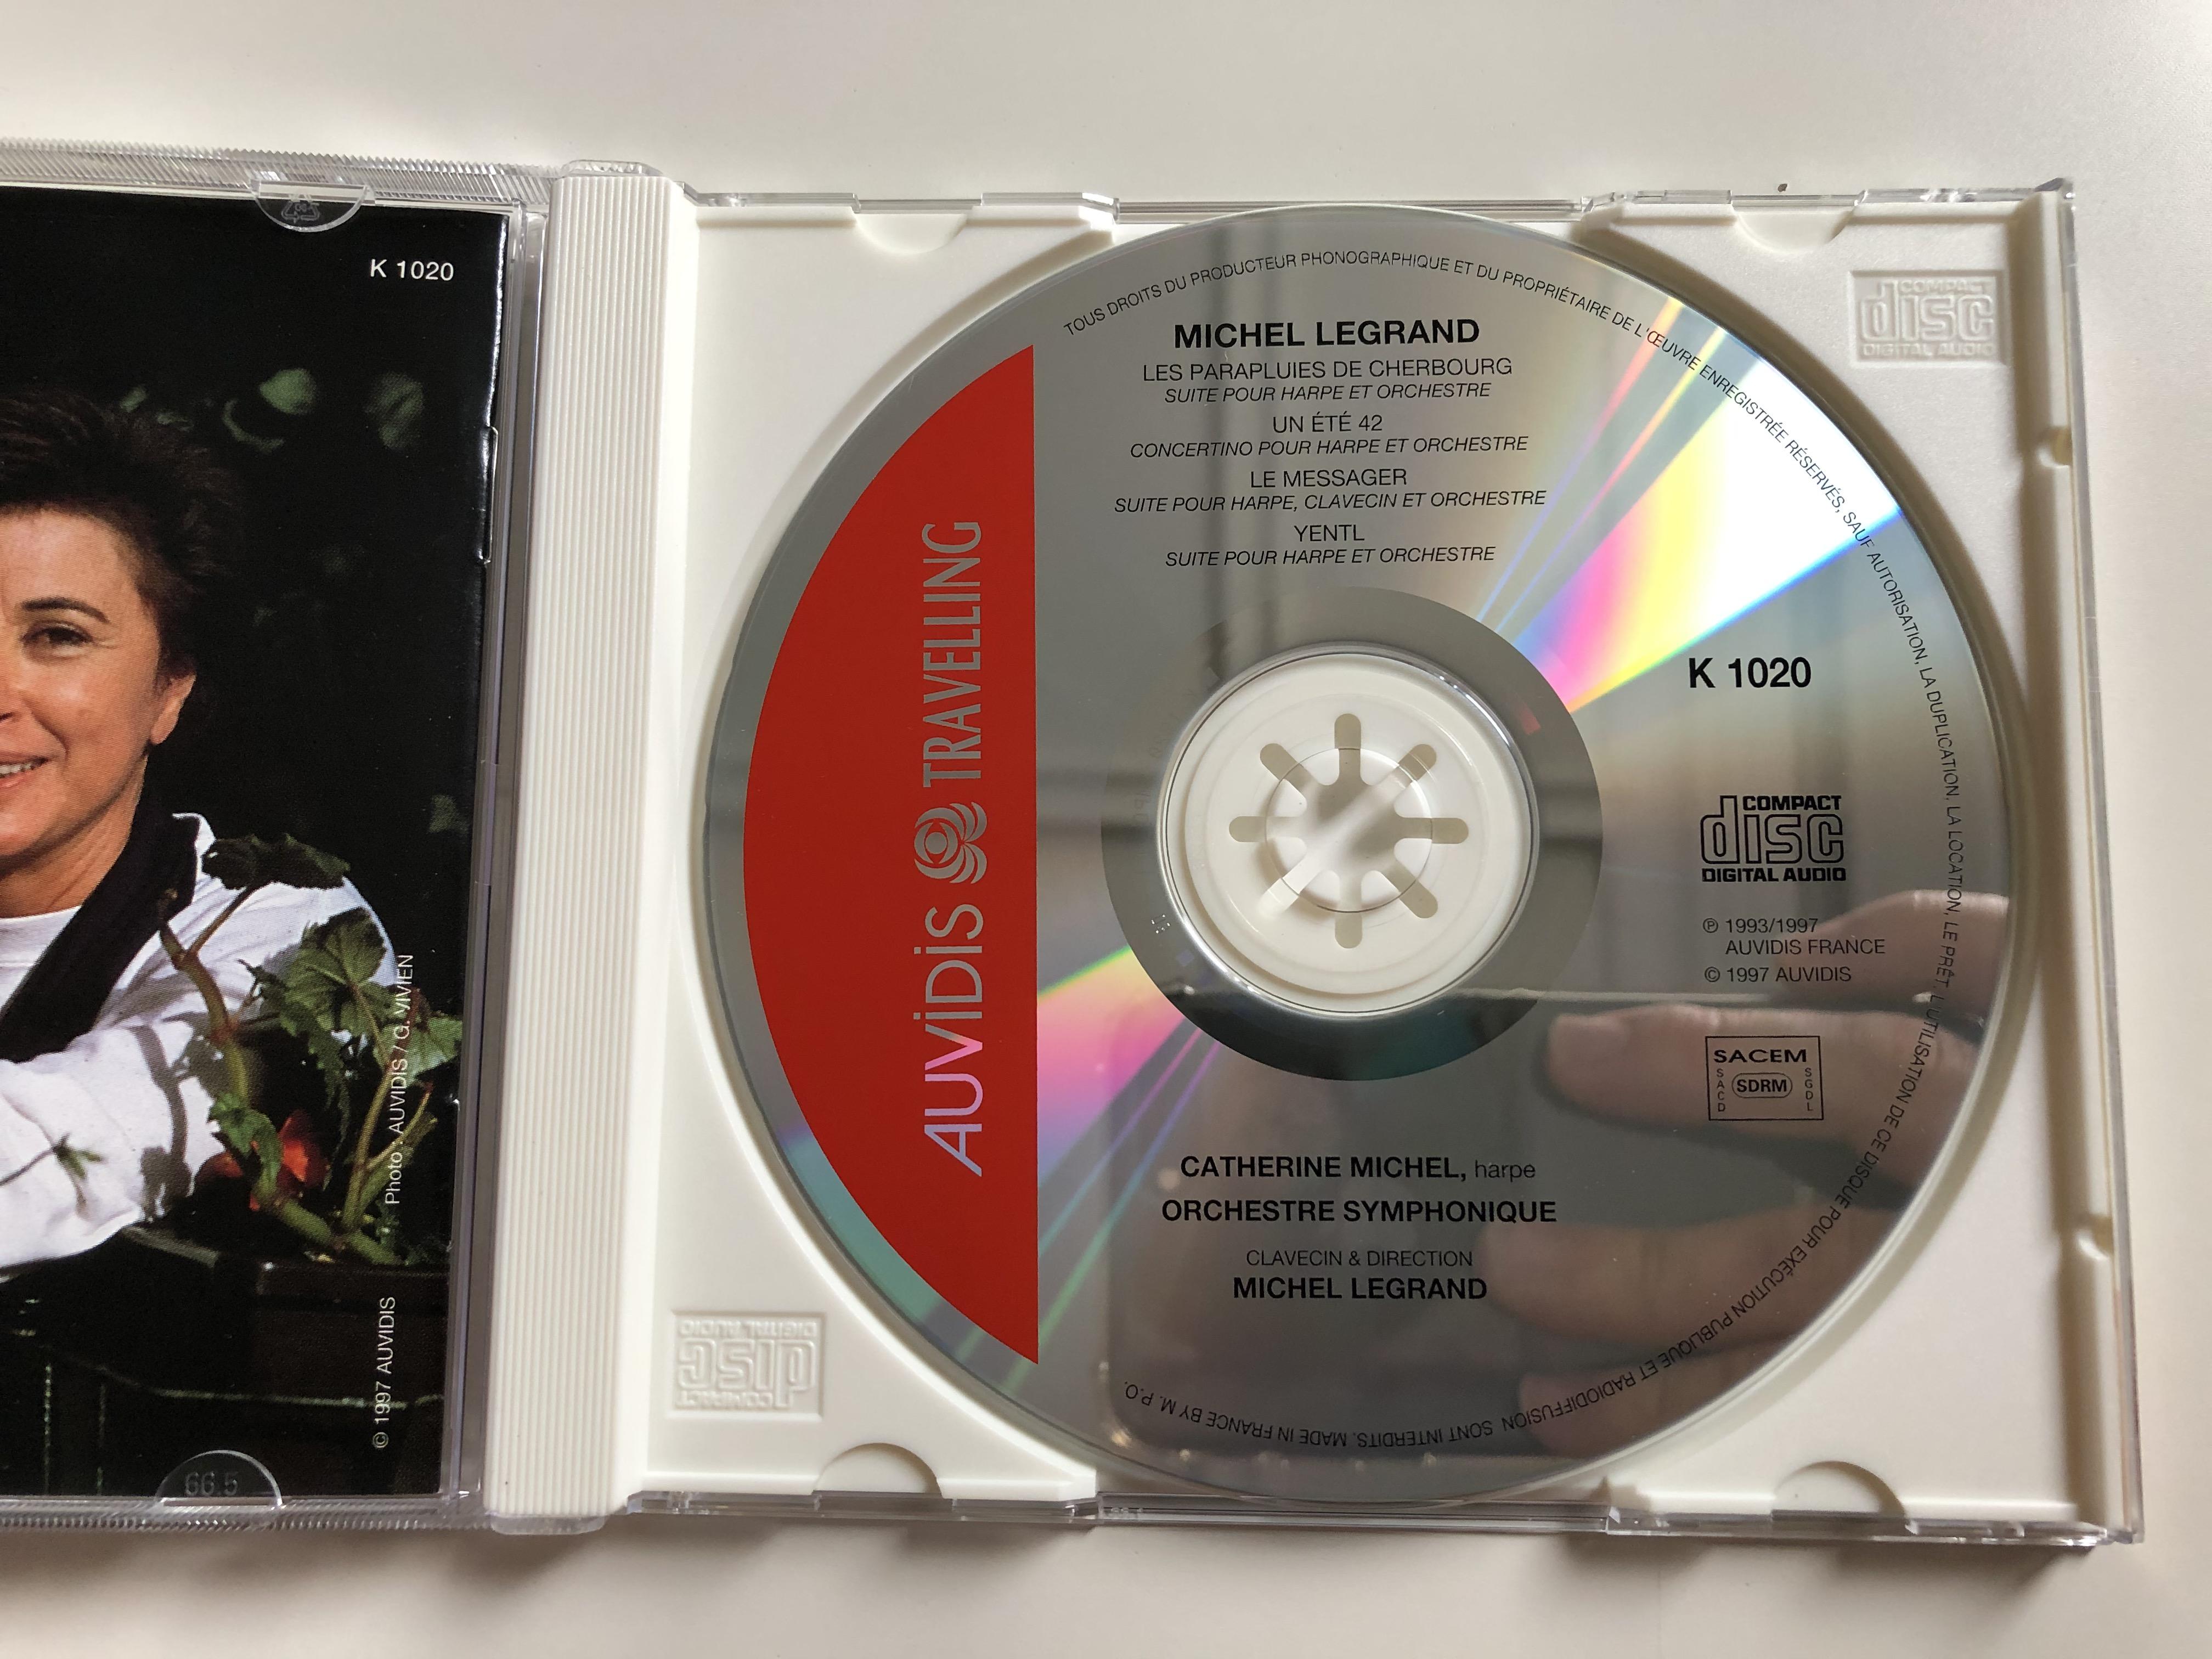 michel-legrand-les-parapluies-de-cherbourg-un-t-42-le-messager-yentl-catherine-michel-harpe-grand-orchestre-symphonique-michel-legrand-direction-auvidis-travelling-audio-cd-1997-3-.jpg